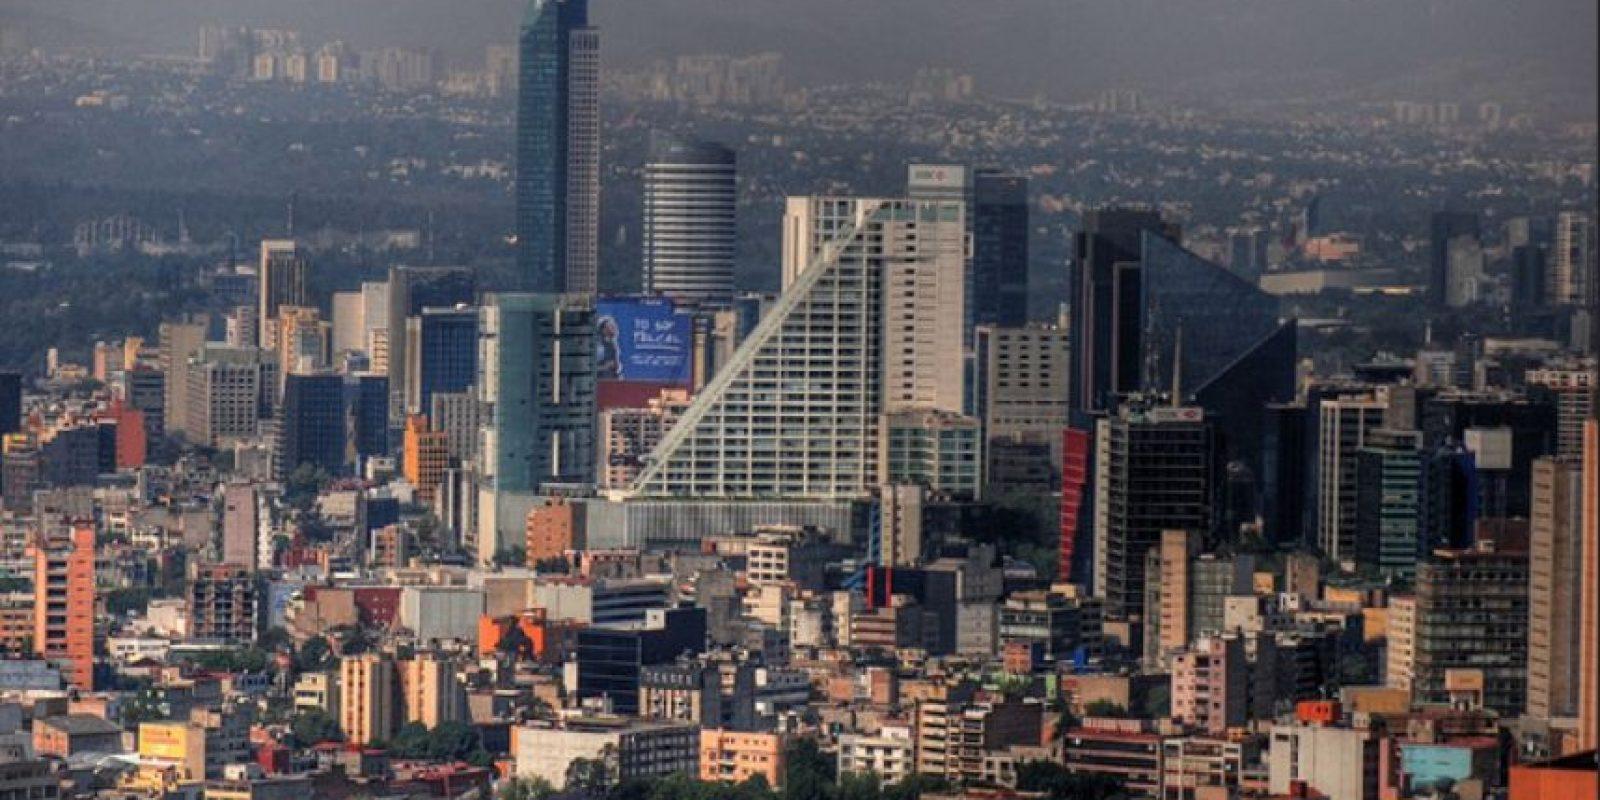 3. Ciudad de México. Aquí los empleados trabajan dos mil 261 horas anuales. Foto:Vía flickr.com